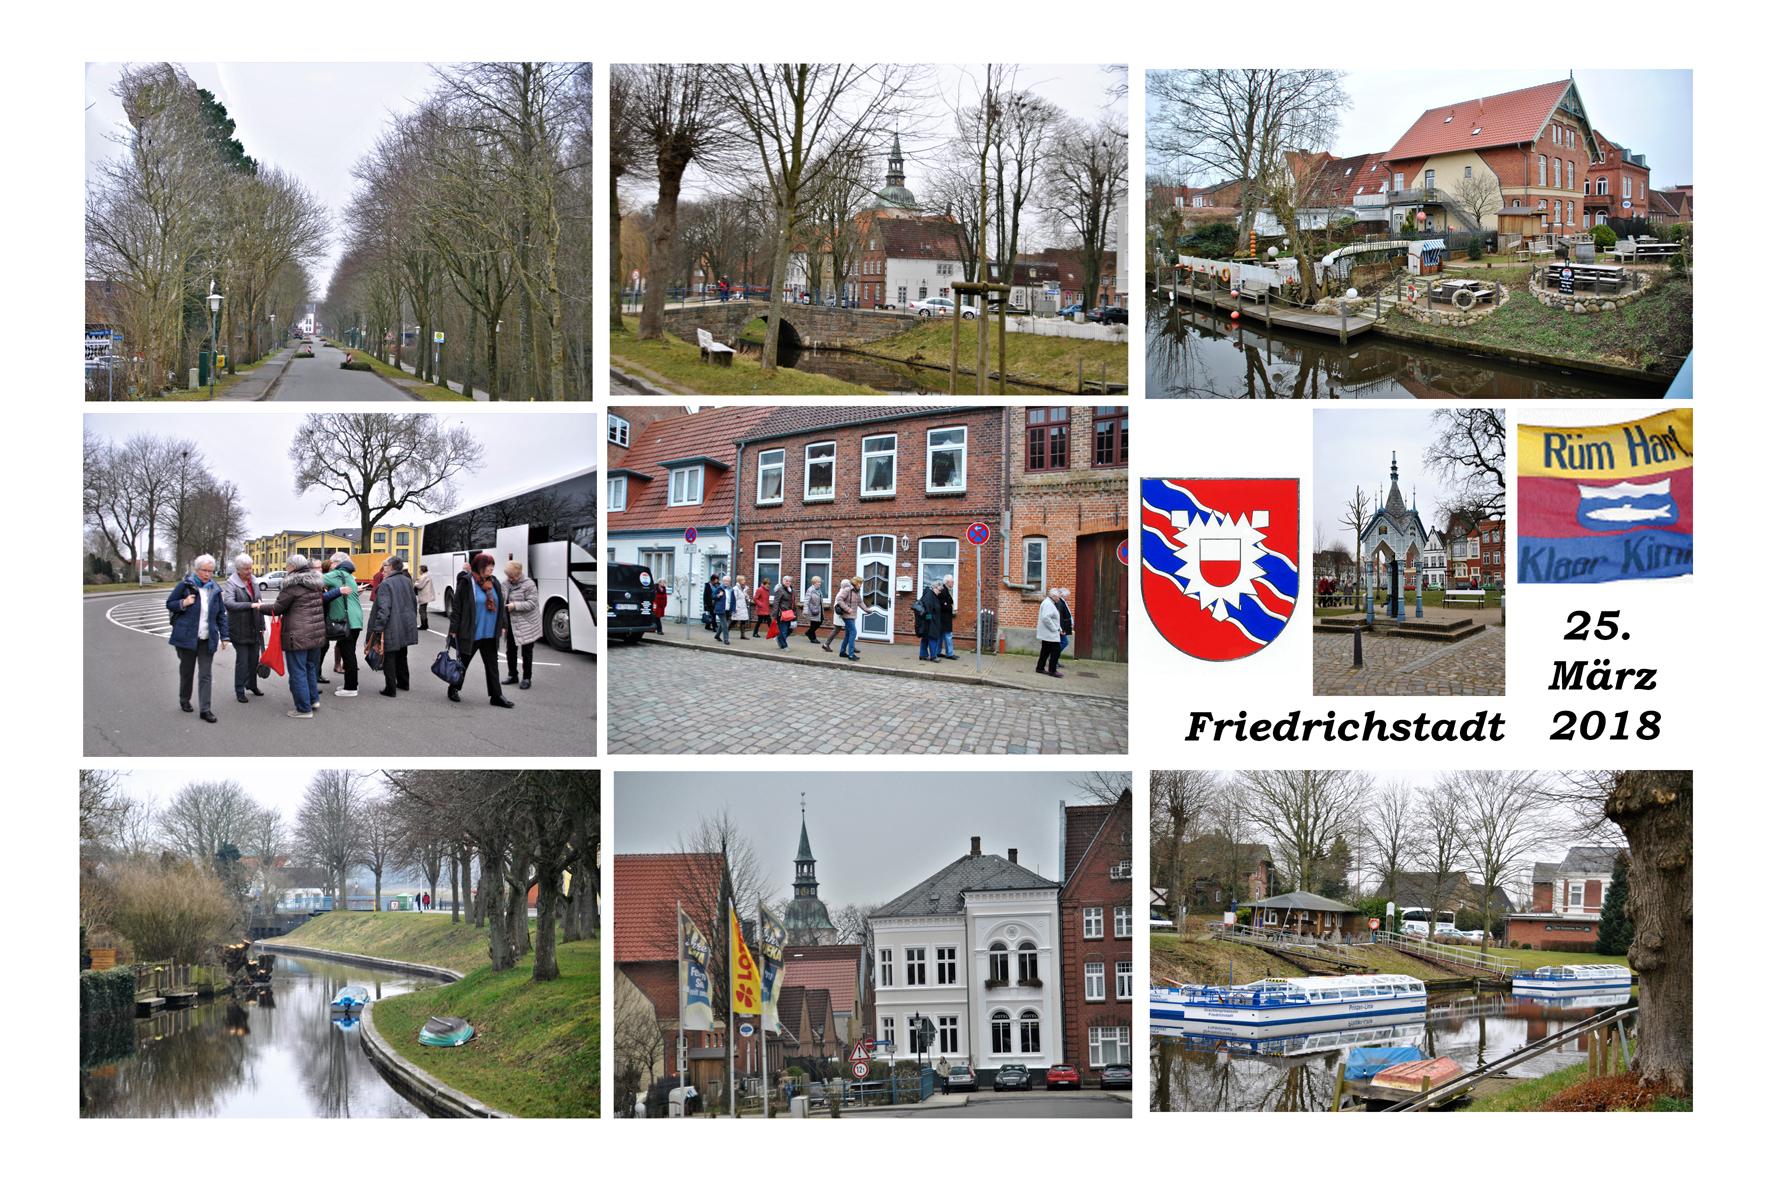 NeNo/Glashütte 2: Friedrichstadt, 25.03.2018 (Fotos: Tom)